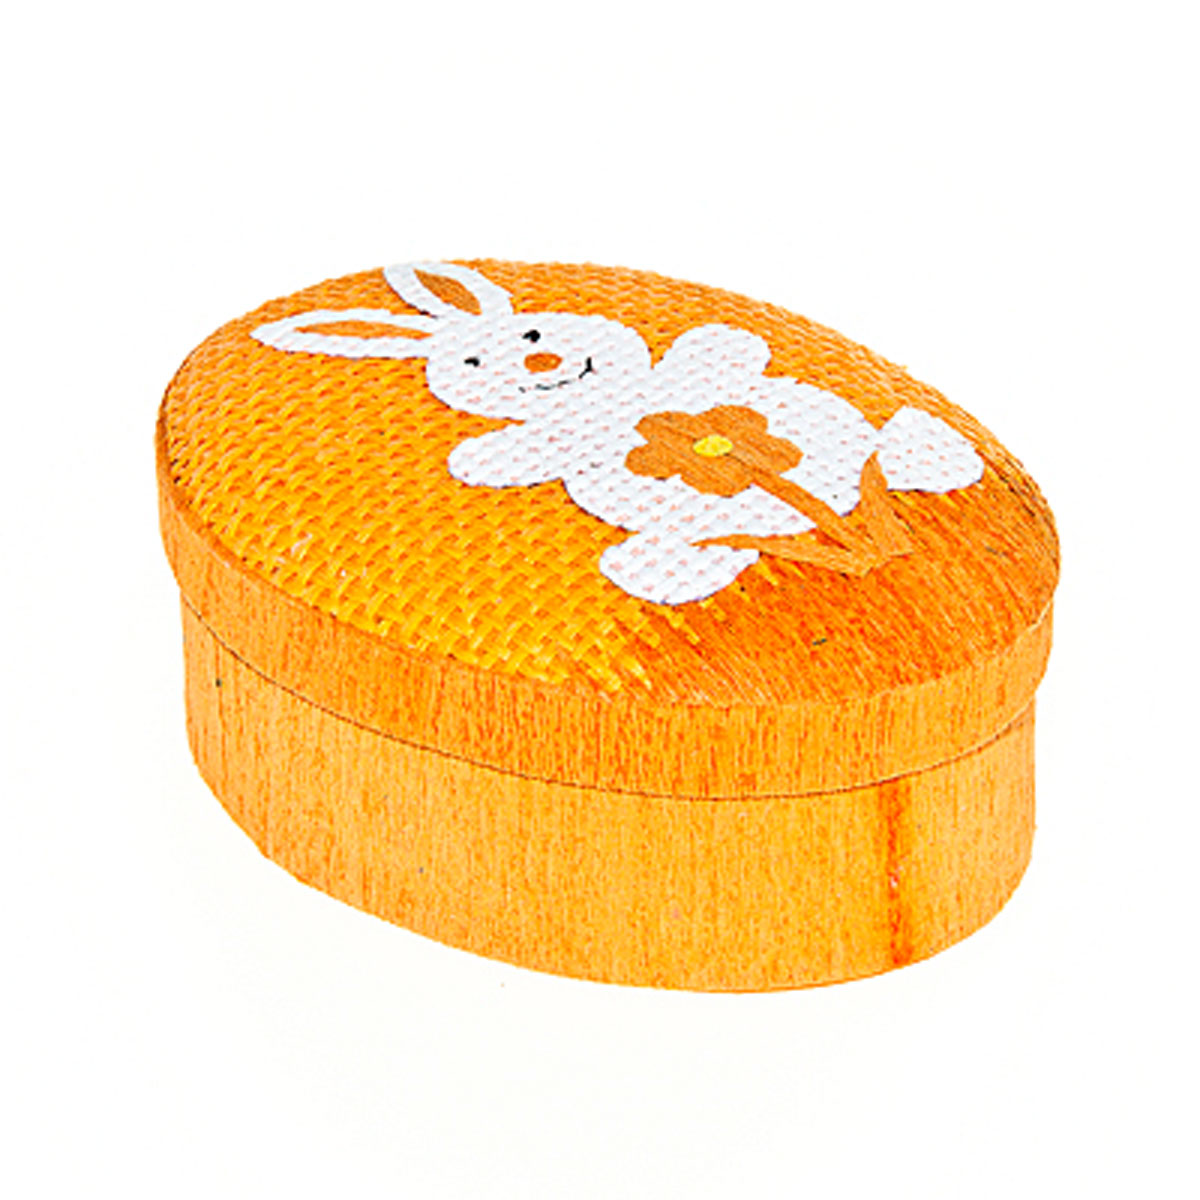 Шкатулка декоративная Home Queen Кролик с цветочком, цвет: оранжевый, 10,5 х 8 х 4 см64309_3Овальная шкатулка Home Queen Кролик с цветочком изготовлена из бумаги. Крышка изделия украшена рельефным рисунком в виде кролика и цветка. Изящная шкатулка прекрасно подойдет для упаковки пасхального подарка для детей и взрослых, а также красиво украсит интерьер комнаты. Размер: 10,5 см х 8 см х 4 см.